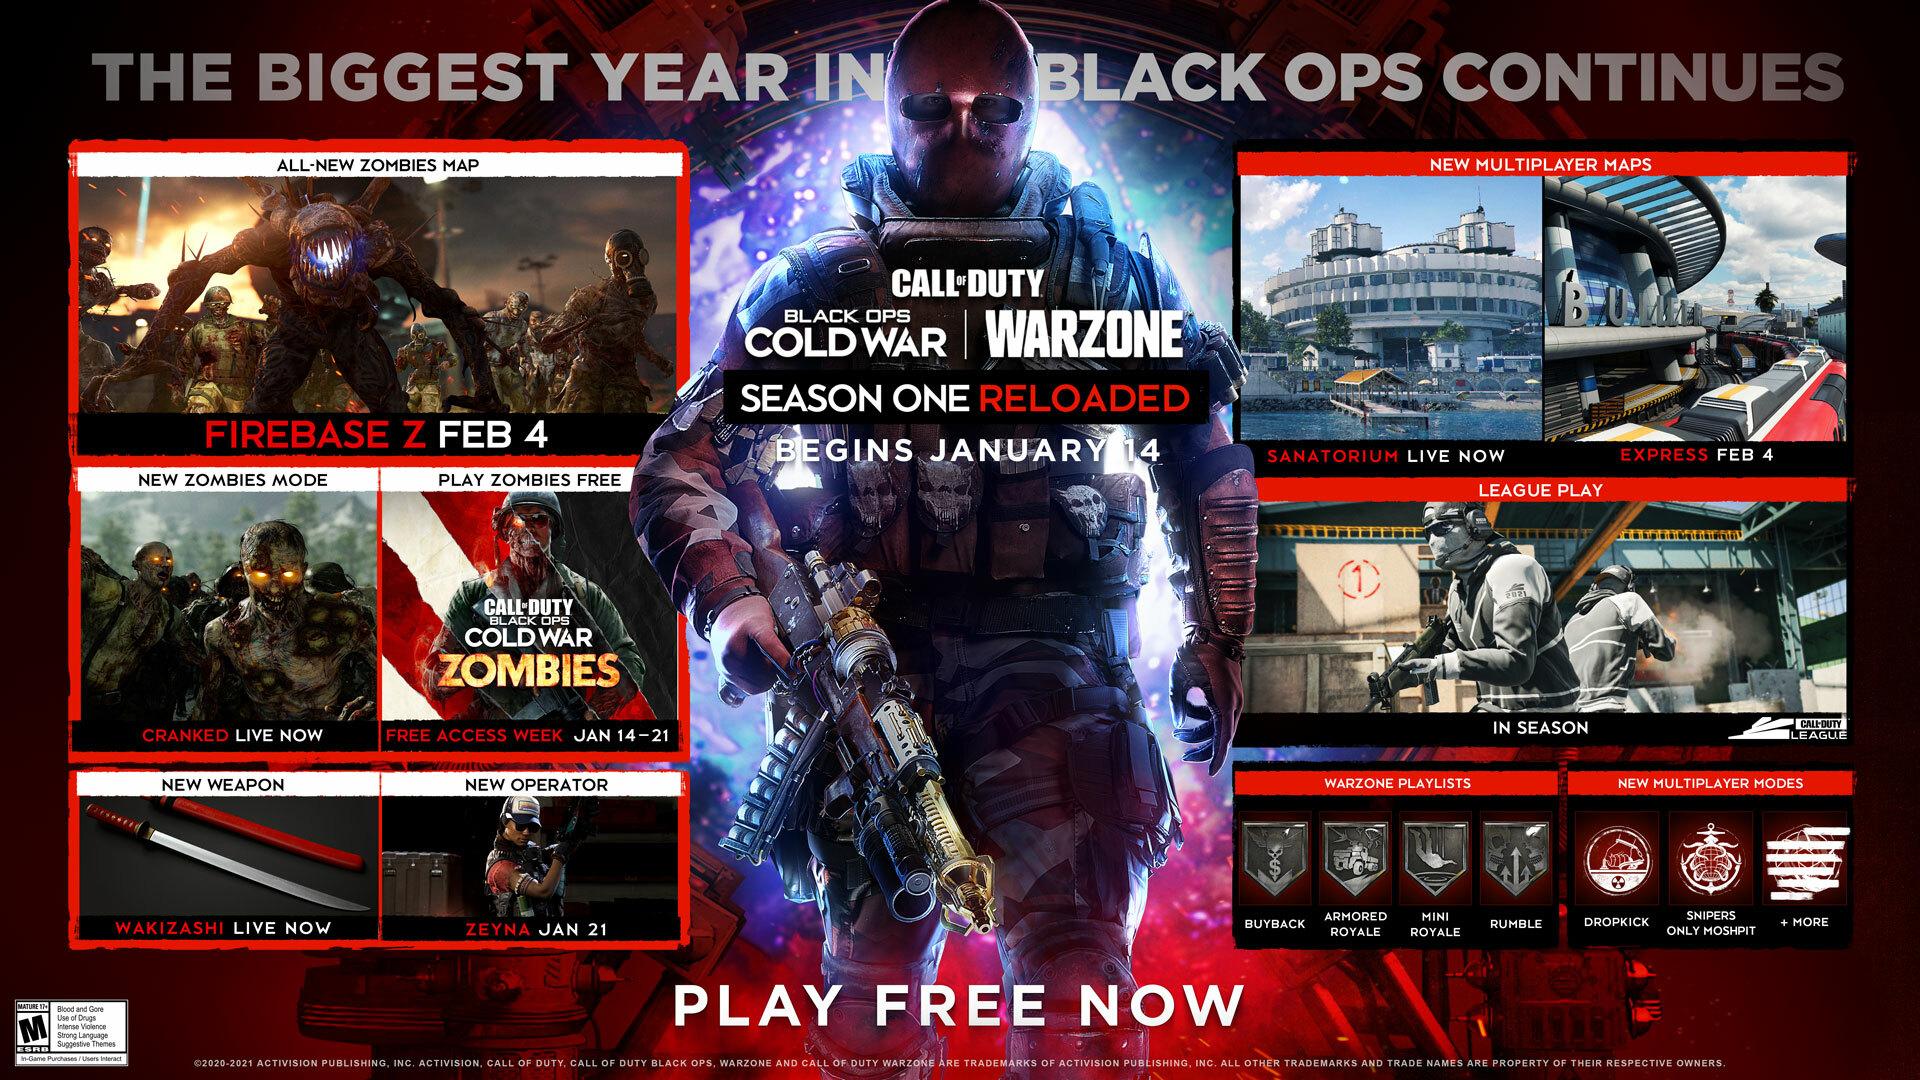 《使命召唤17:黑色行动冷战》季中更新已上线